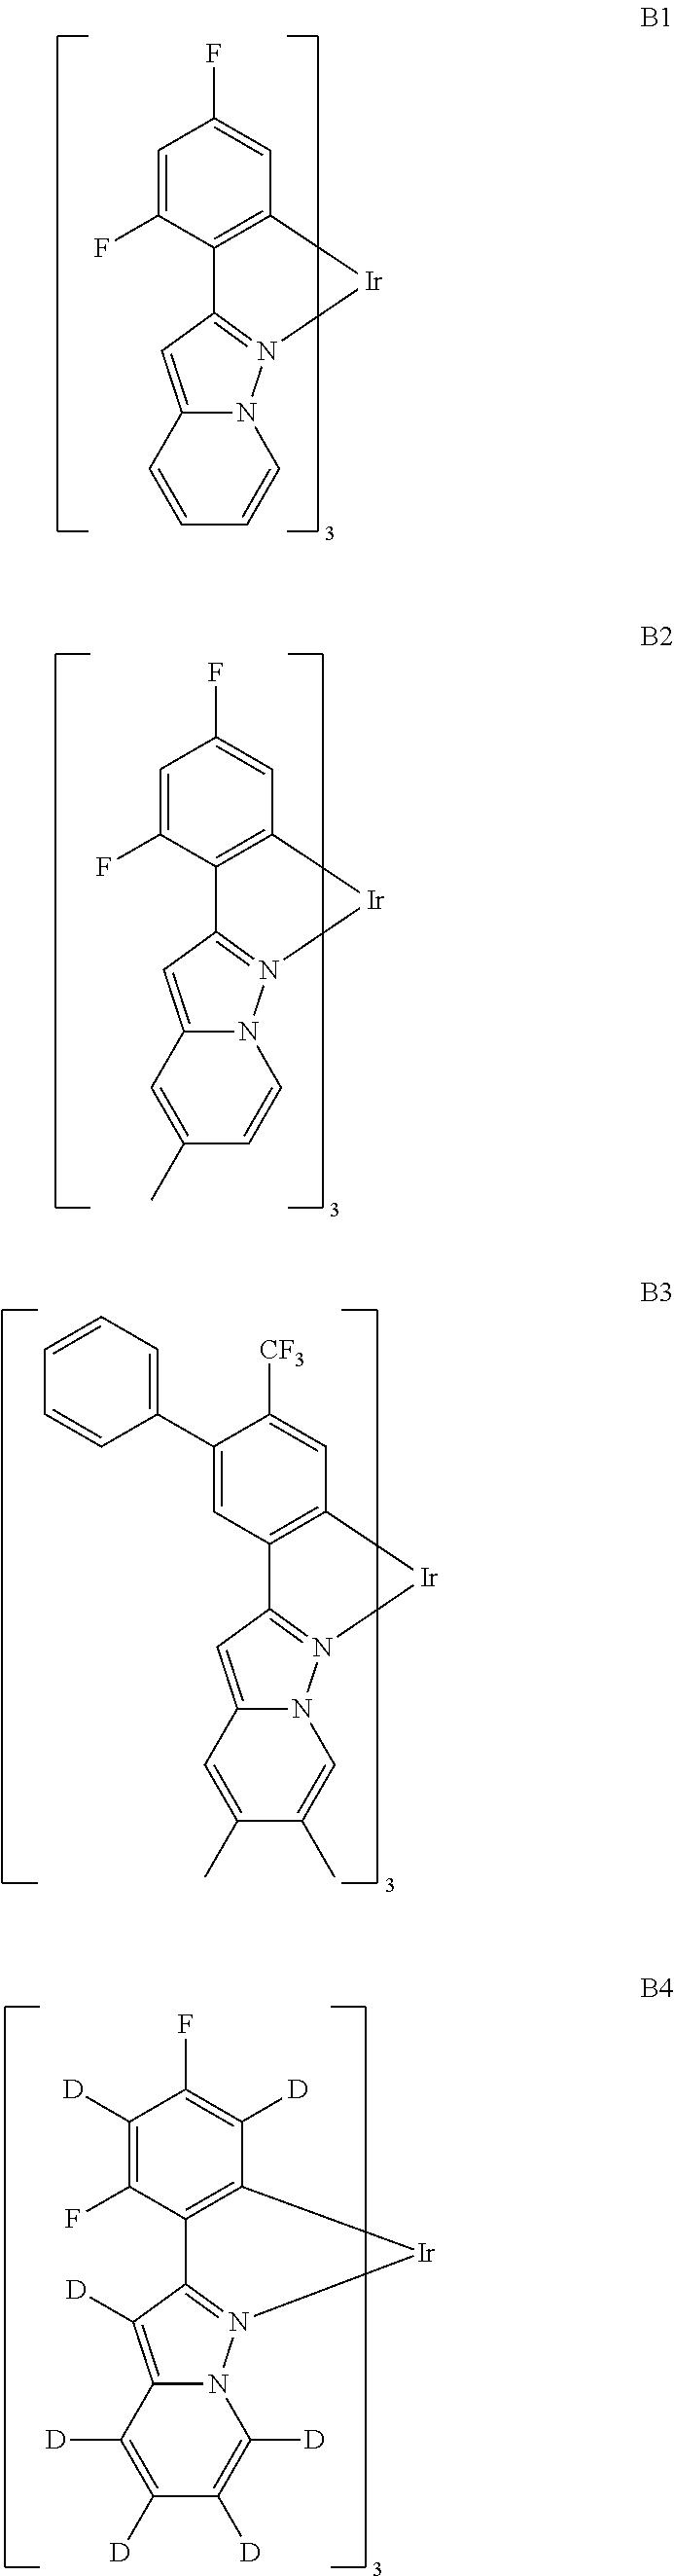 Figure US09685618-20170620-C00004